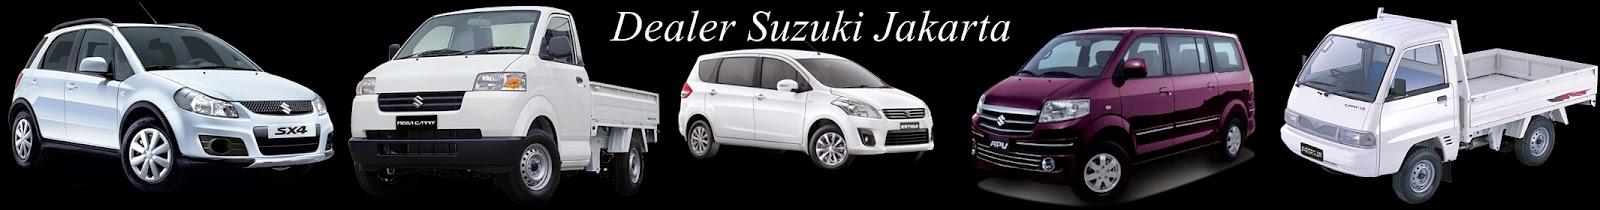 Dealer Suzuki Jakarta